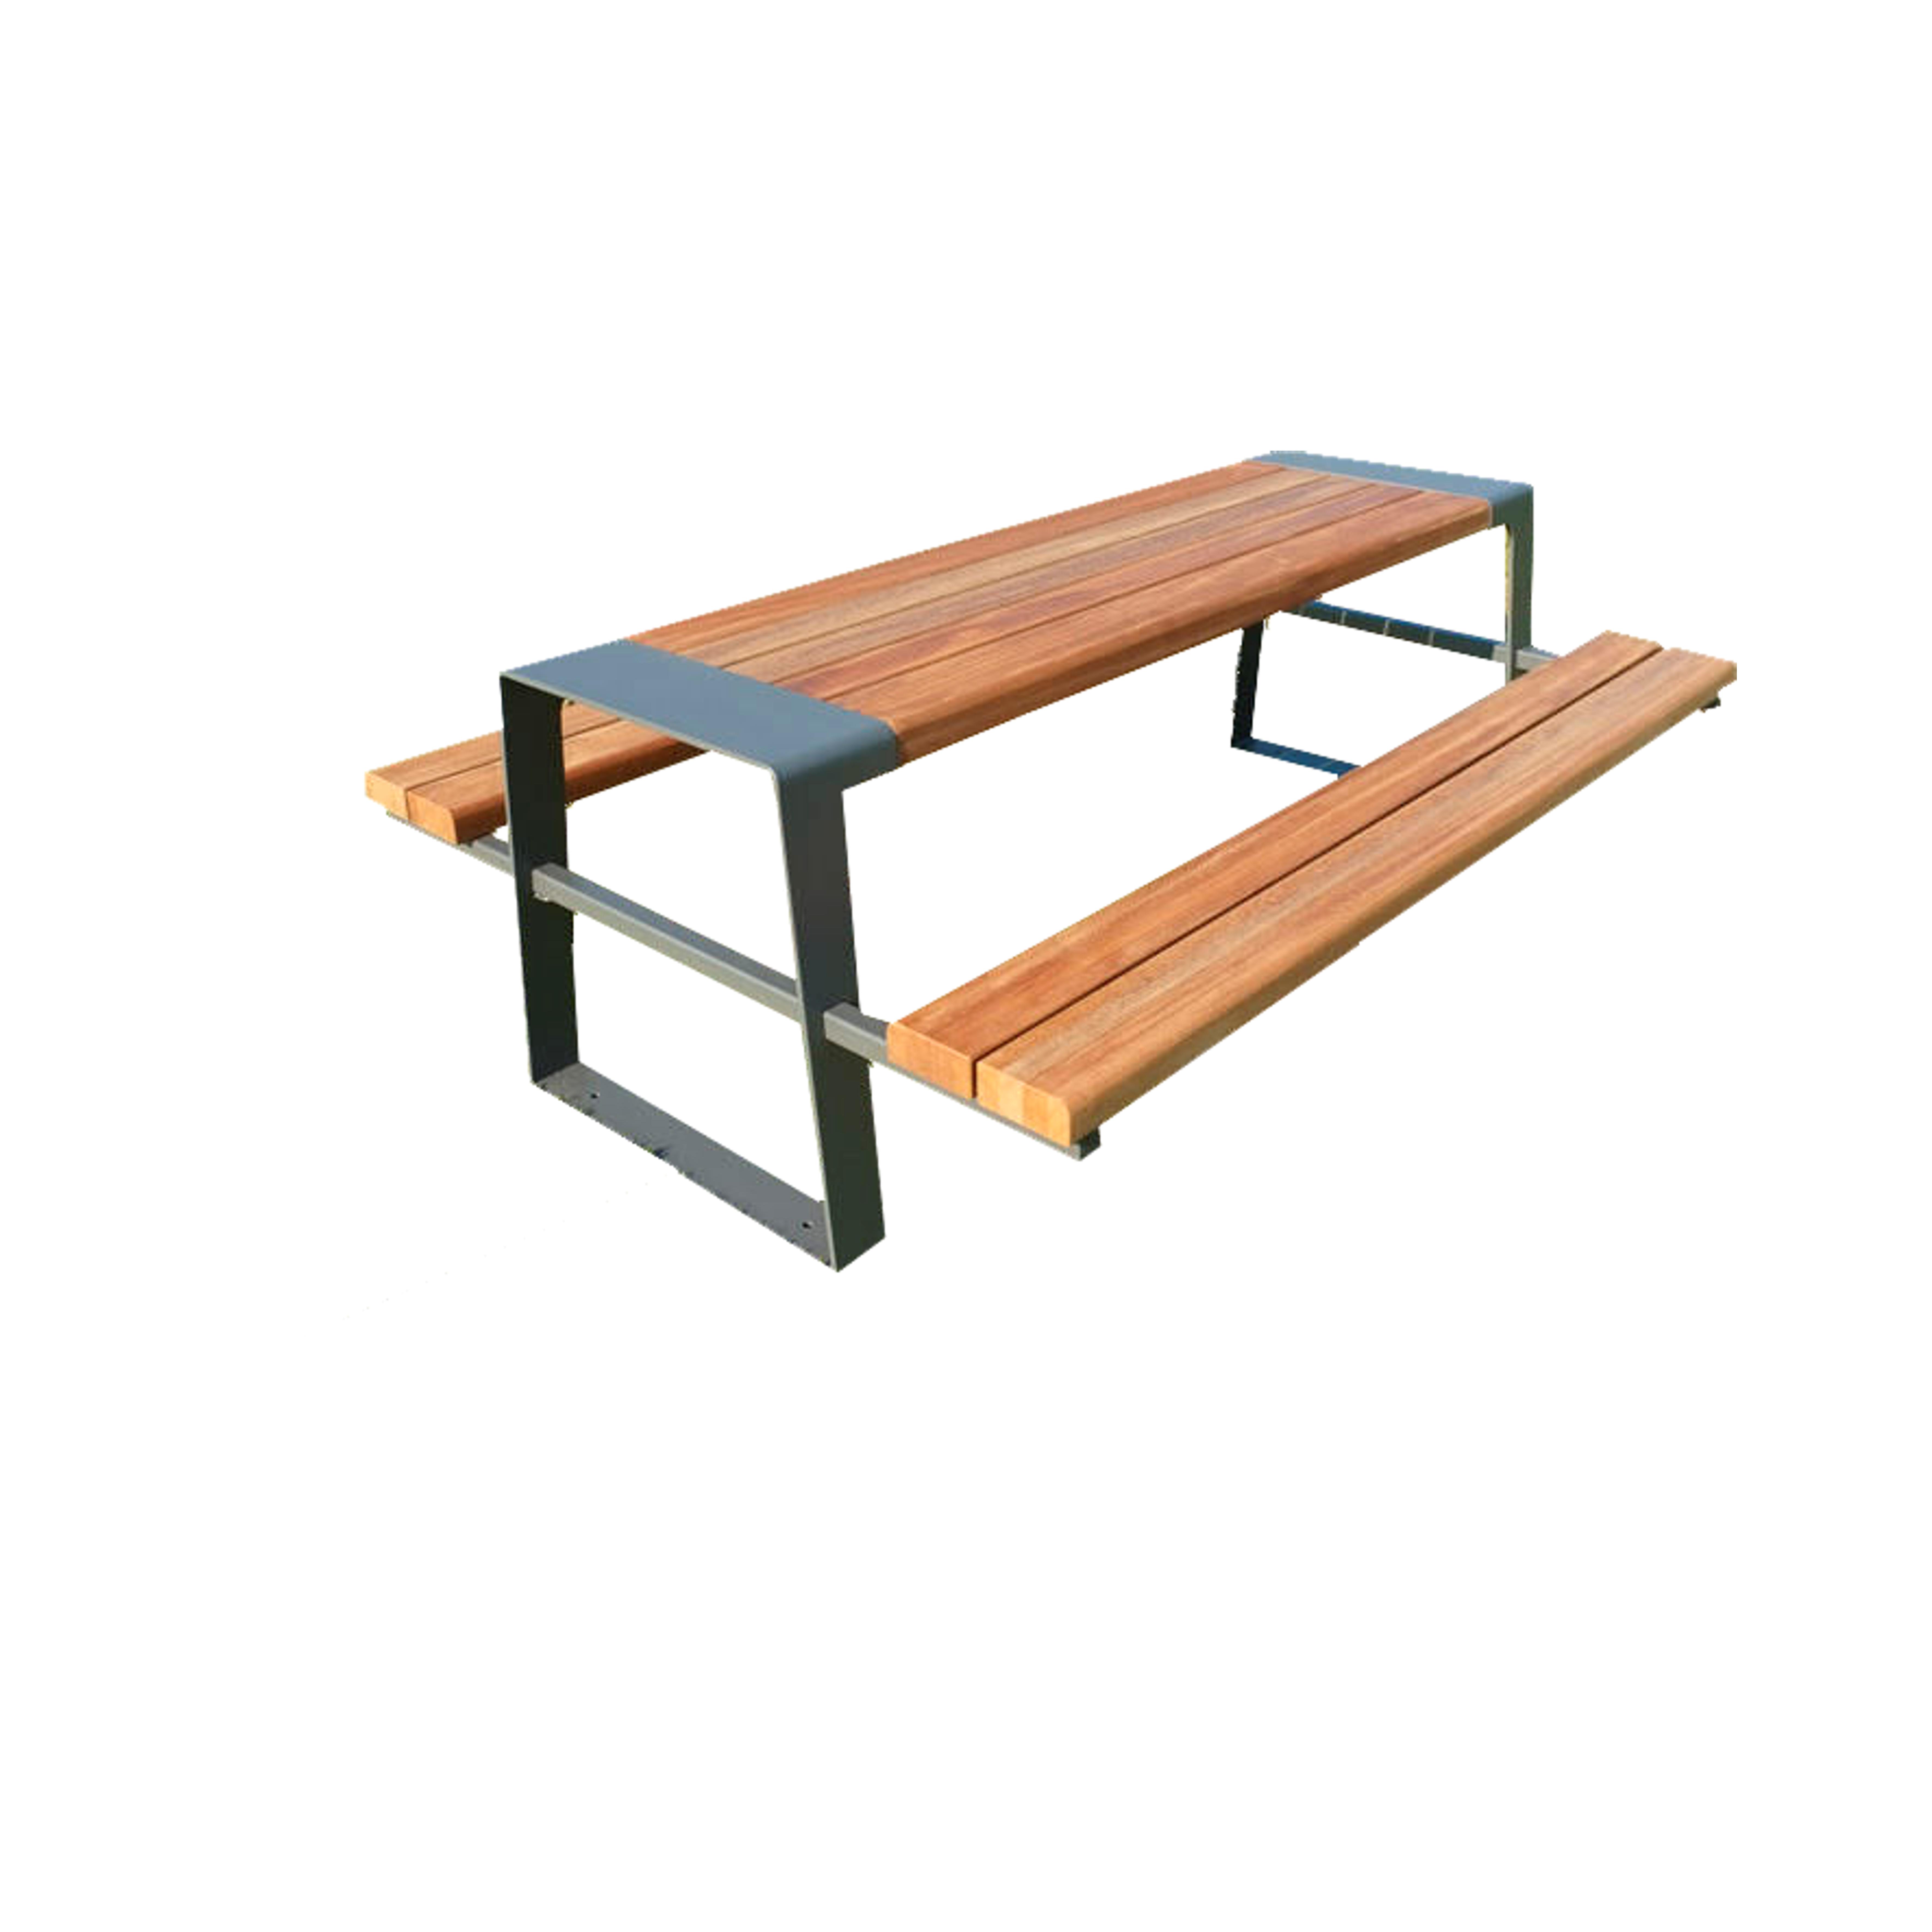 Τραπέζι εξοχής, Τραπεζοπάγκος εξοχής, Τραπέζι άλσους, τραπέζι αυλης, τραπέζι μπαλκονιού